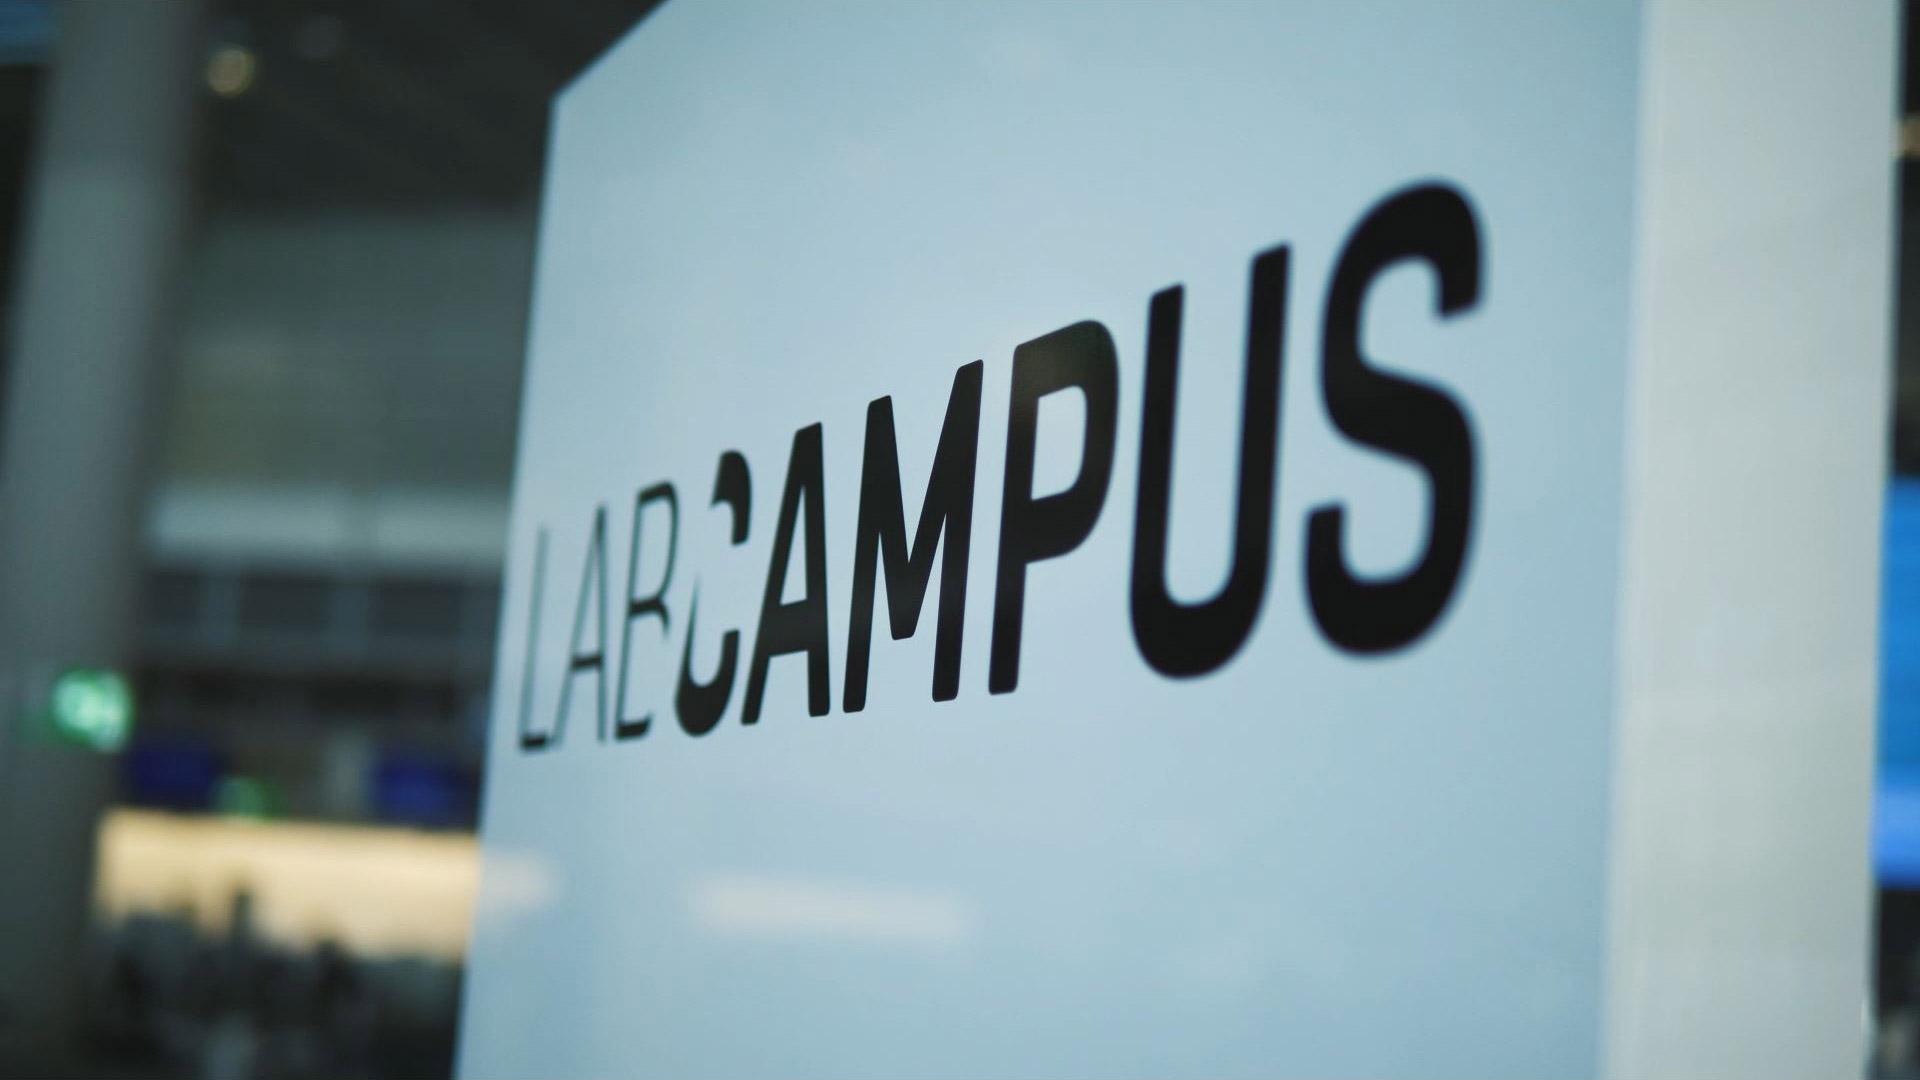 LabCampus – Flughafen München